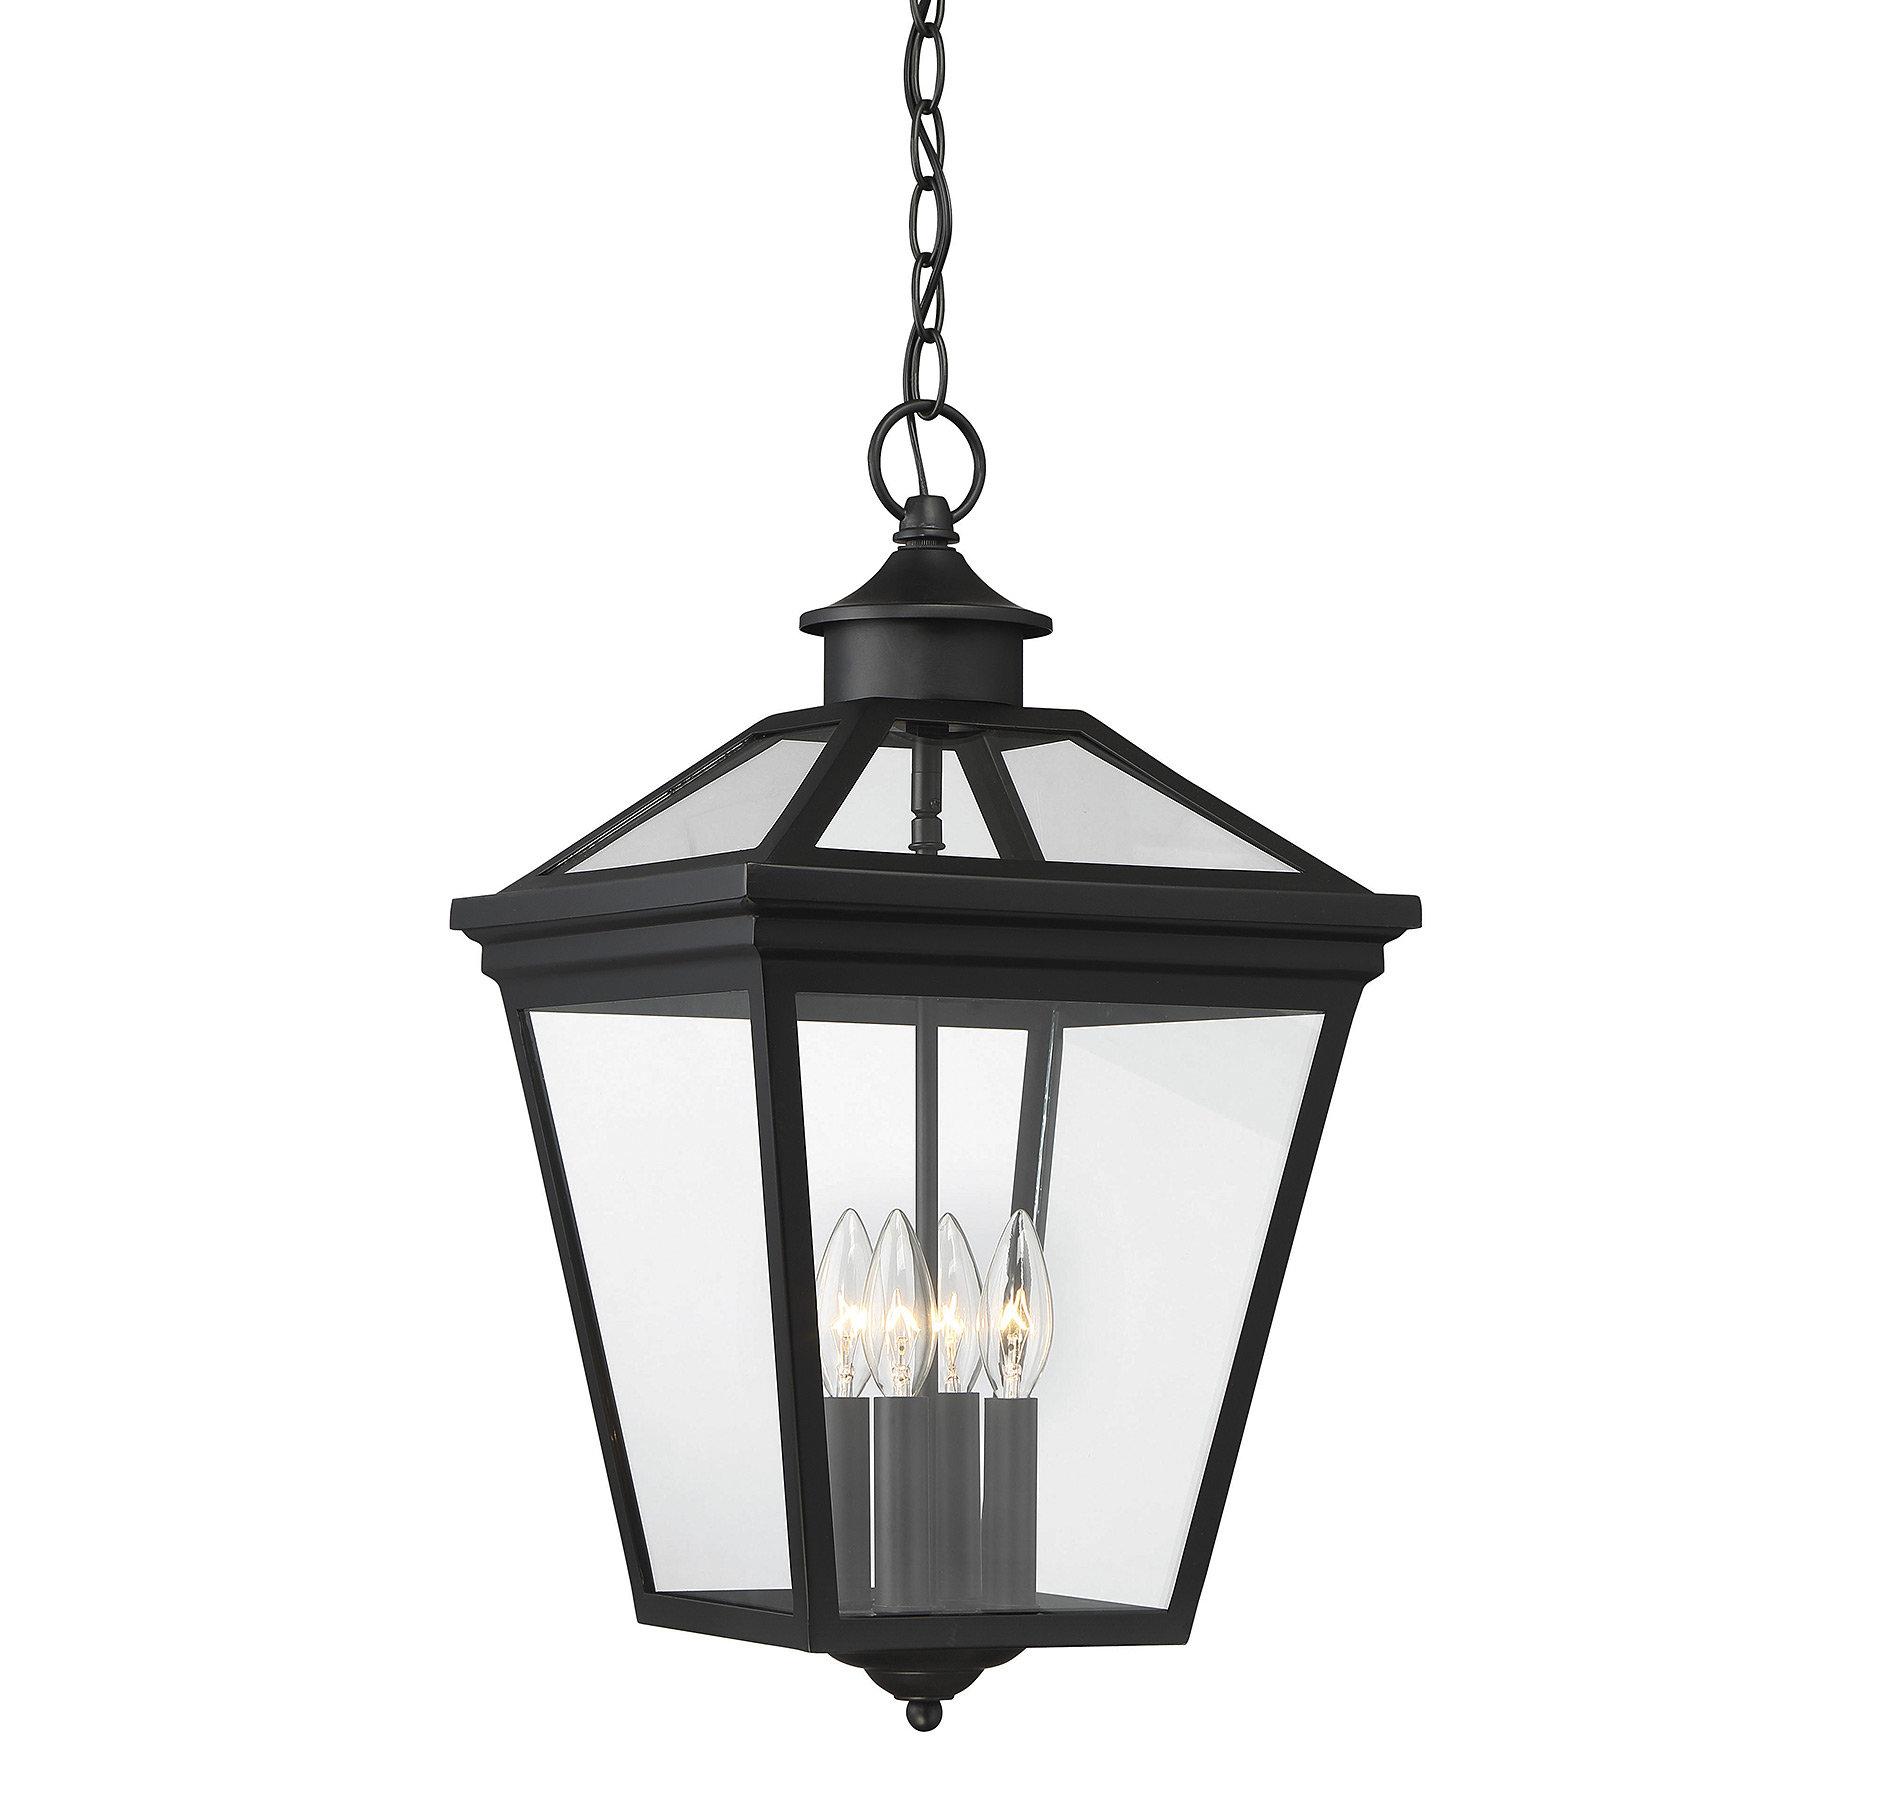 Coleg 4 Light Outdoor Hanging Lantern